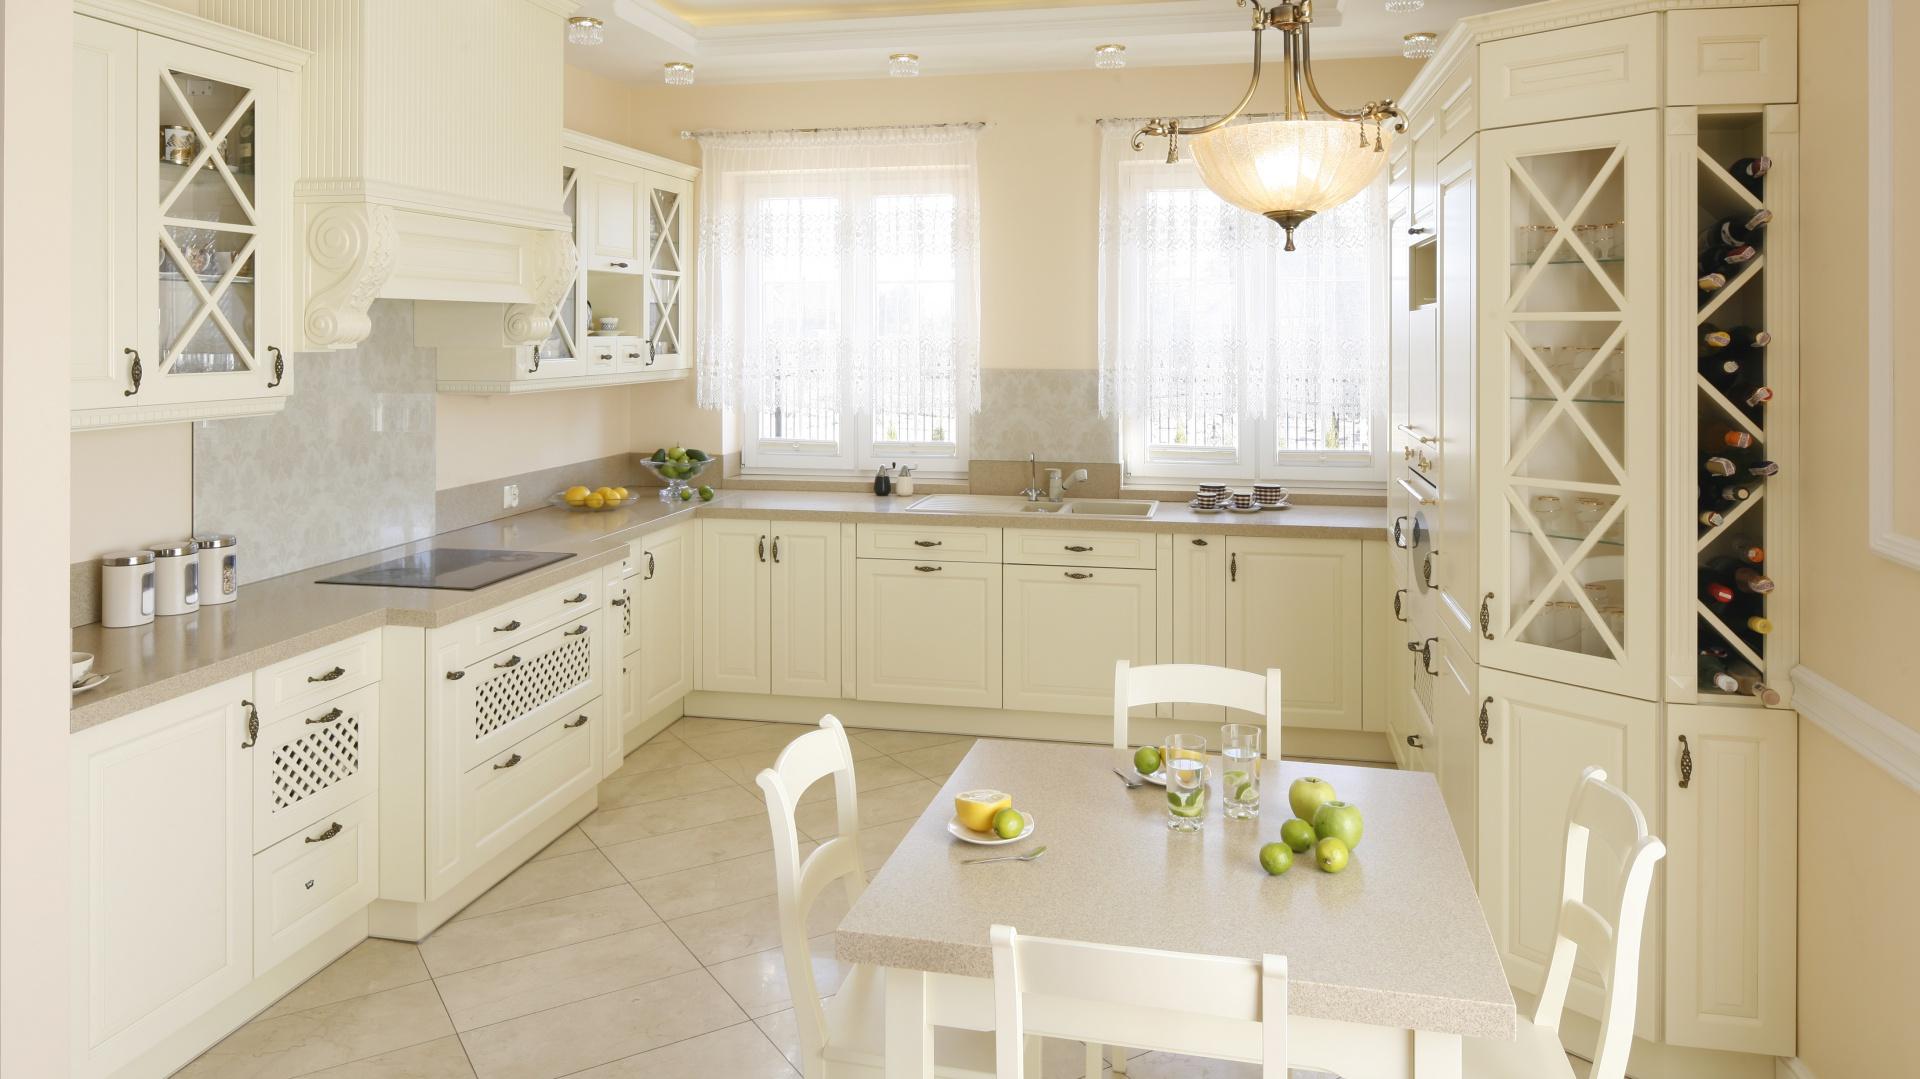 Piękna kuchnia w angielskim stylu zdominowana całkowicie przez kolor złamanej bieli. Meble są zdobne, stylizowane, licznie udekorowane ażurowymi prześwitami, szprosami i kutymi uchwytami. Projekt: Magdalena Mirek-Roszkowska. Fot. Bartosz Jarosz.